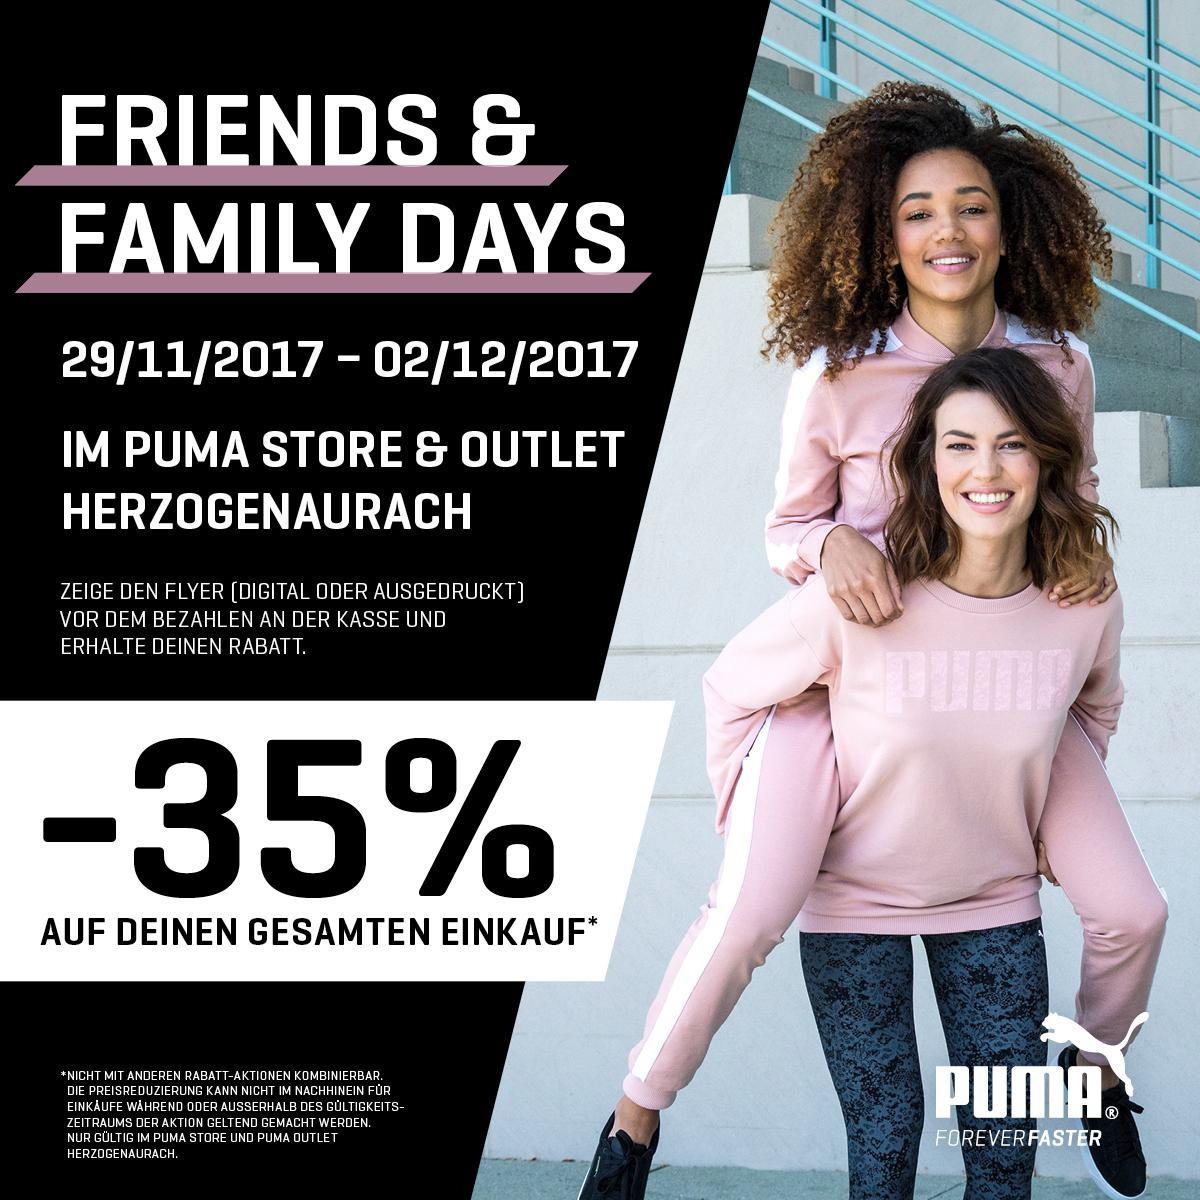 PUMA 35% - Family & Friends Tage im Store und Outlet in Herzogenaurach ab 29.11.17